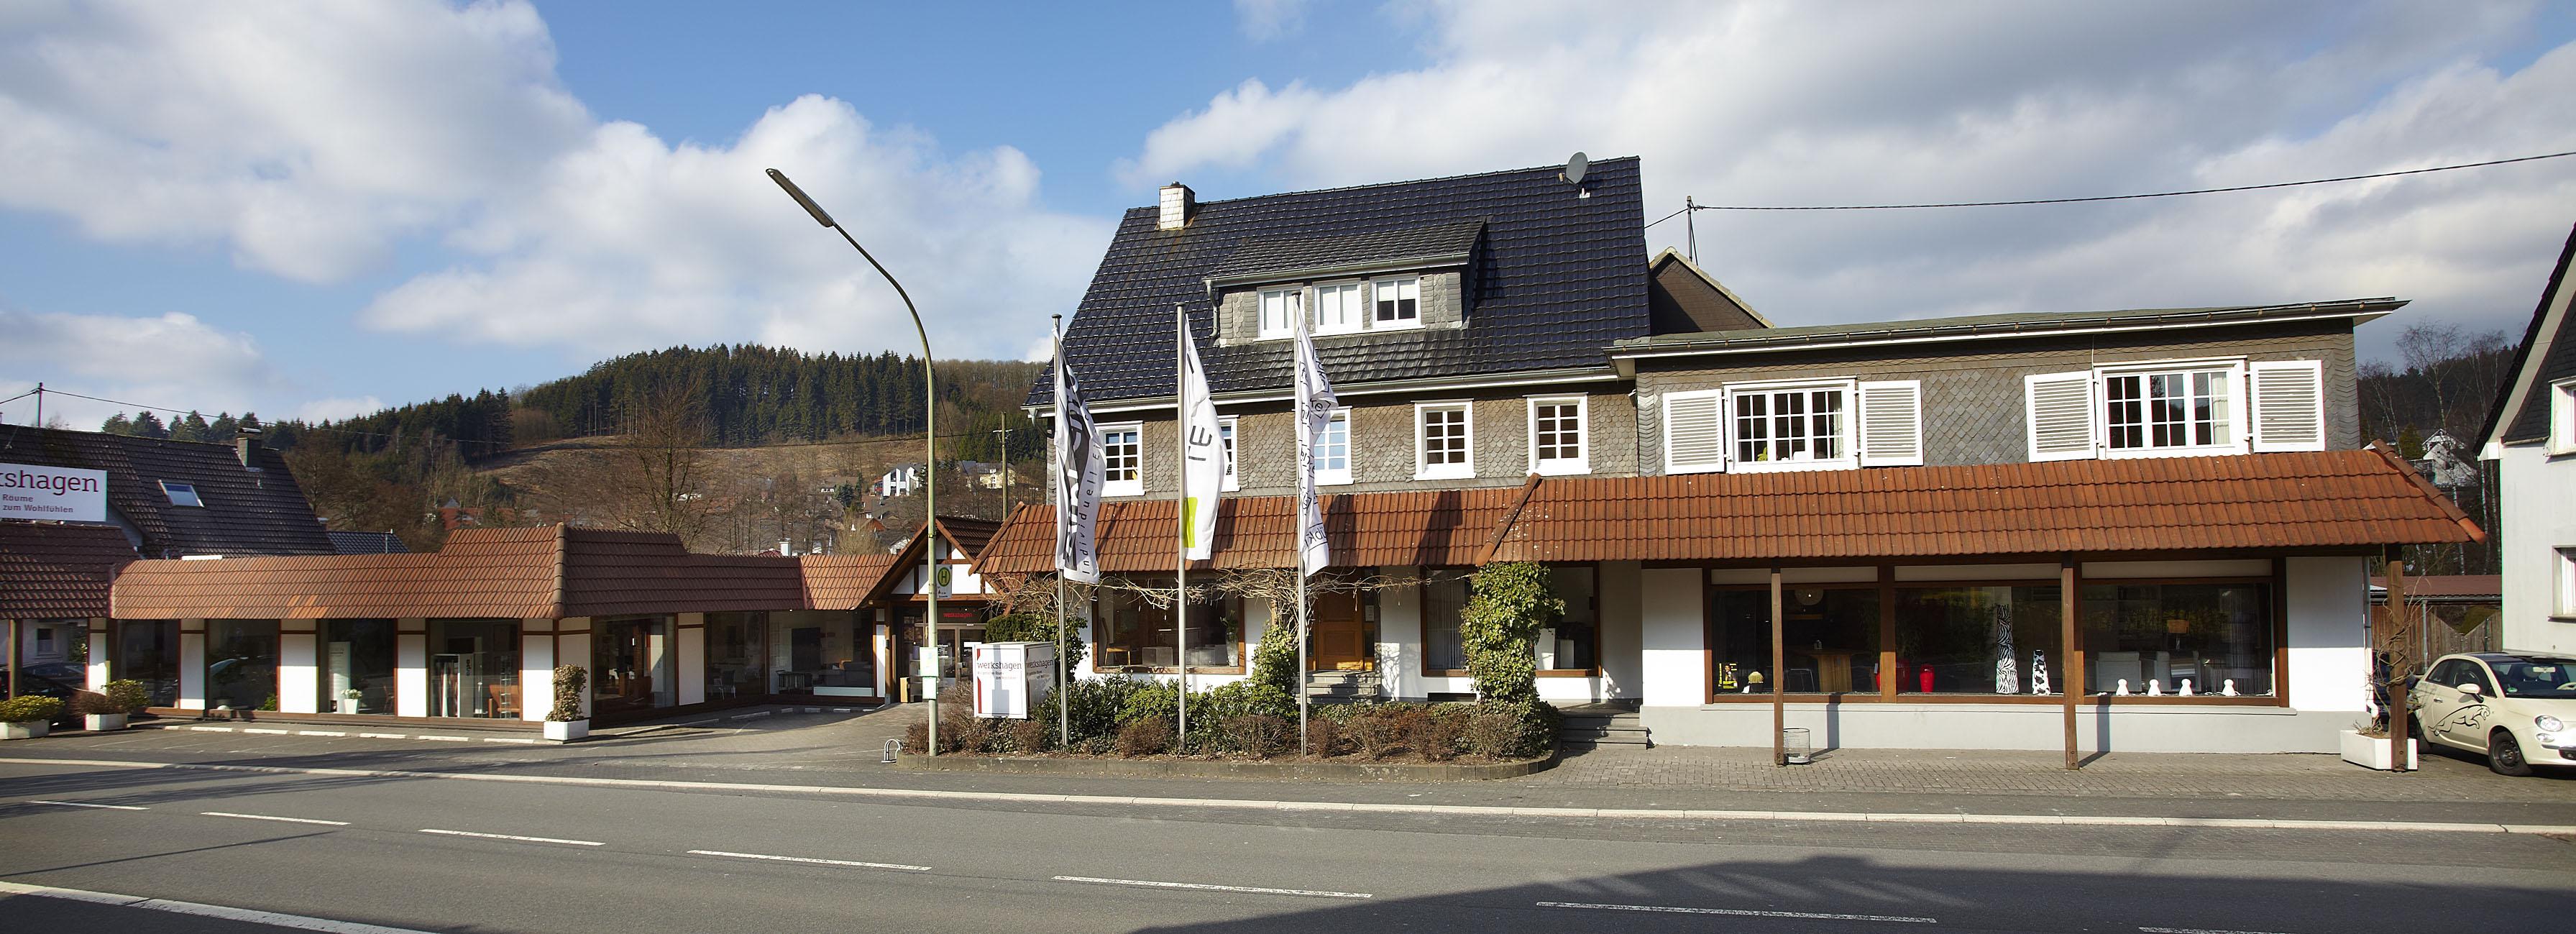 Kuchen Von Team 7 Next125 Prisma Bergneustadt Oberberg